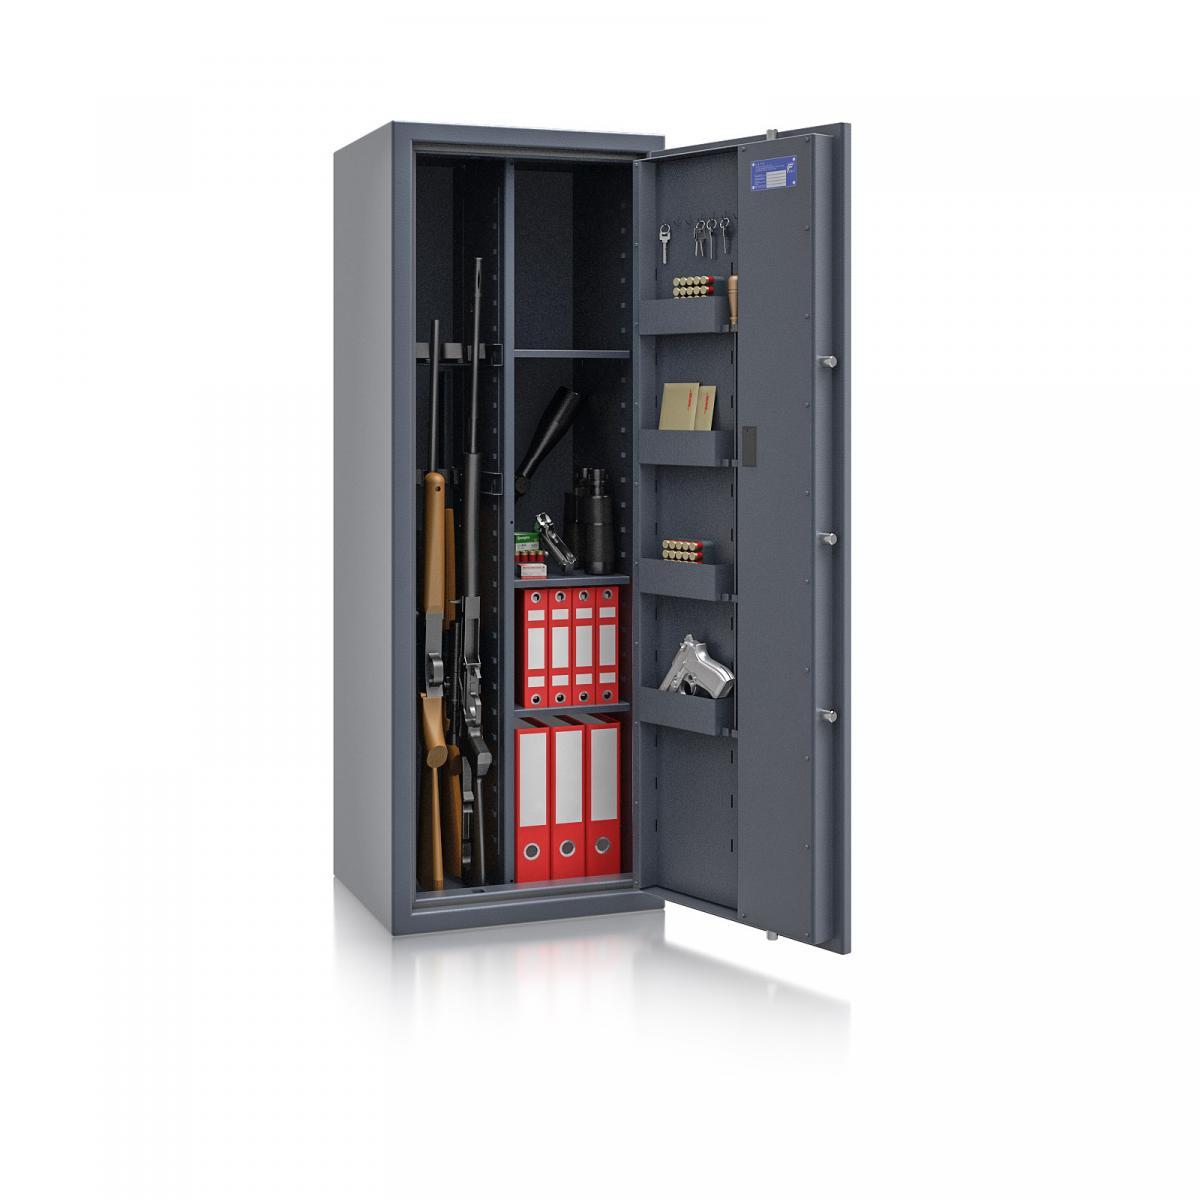 Waffenschrank Luzern WF MAX Kombi 2 - 1500x550x450 / 195kg 55631 / Klasse 0 / RAL7024 / Elektr. Basic / DIN R / mit Trennw.